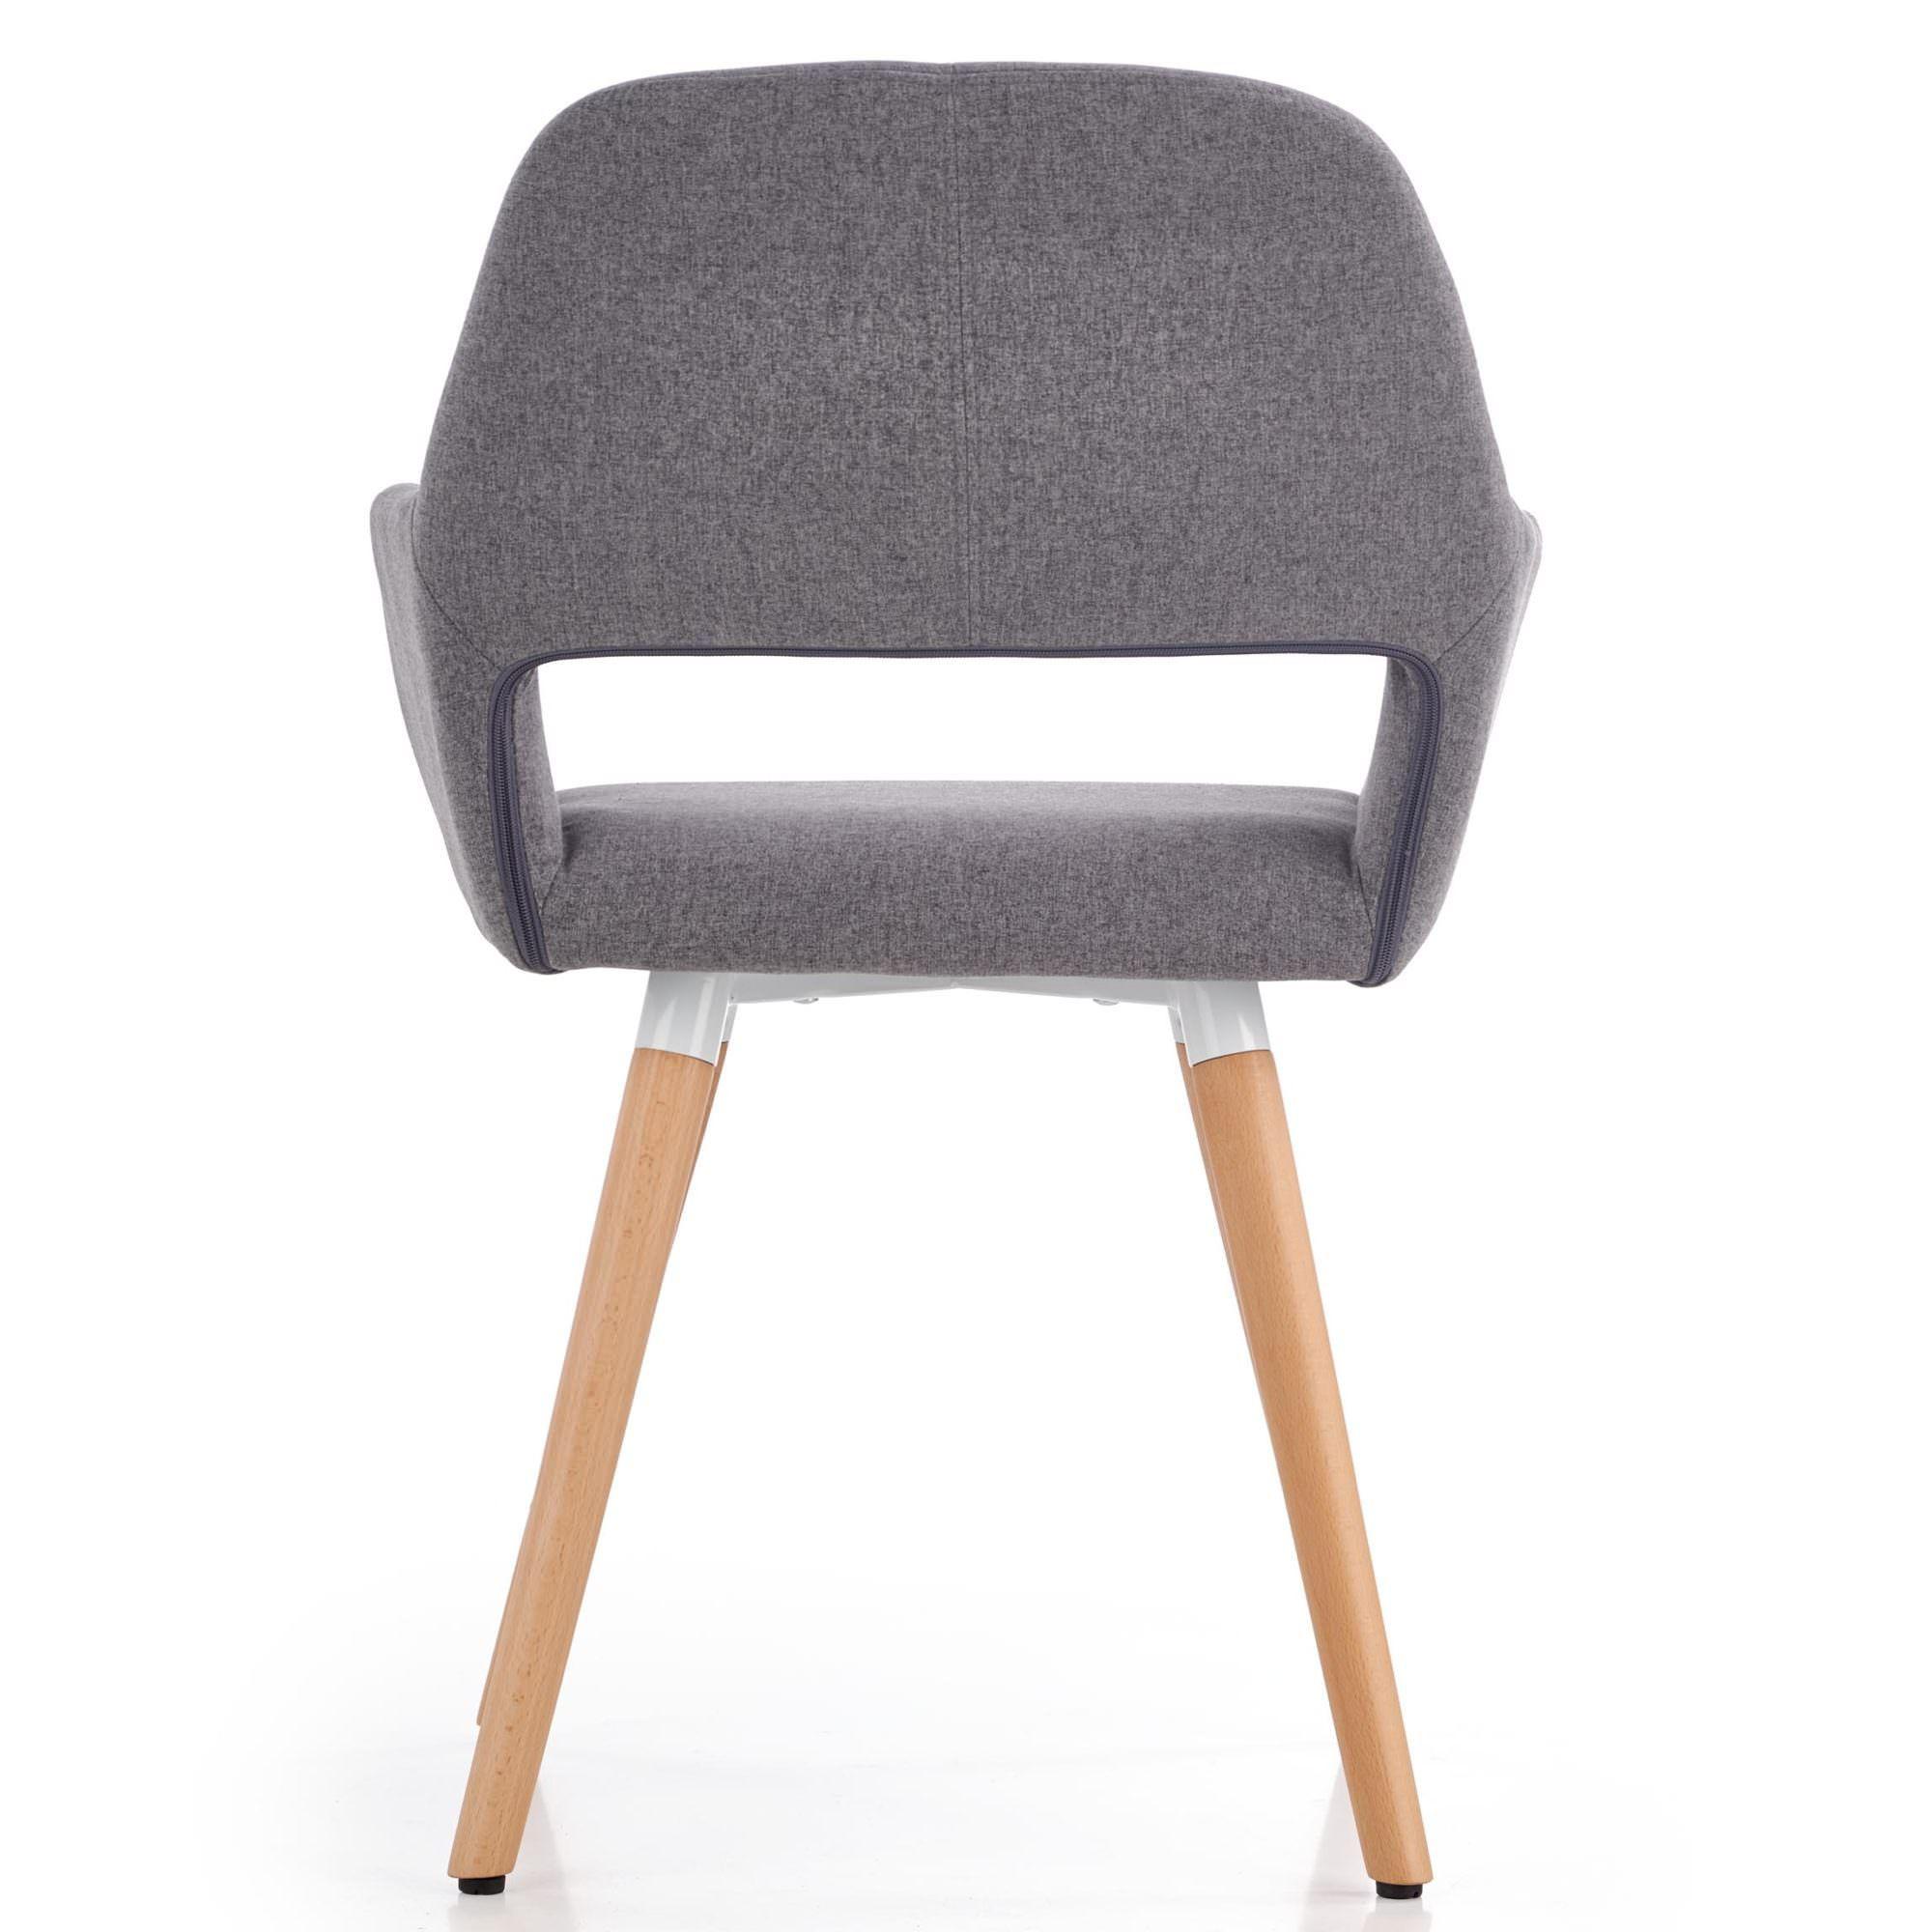 картинка стул сзади хочется пошутить